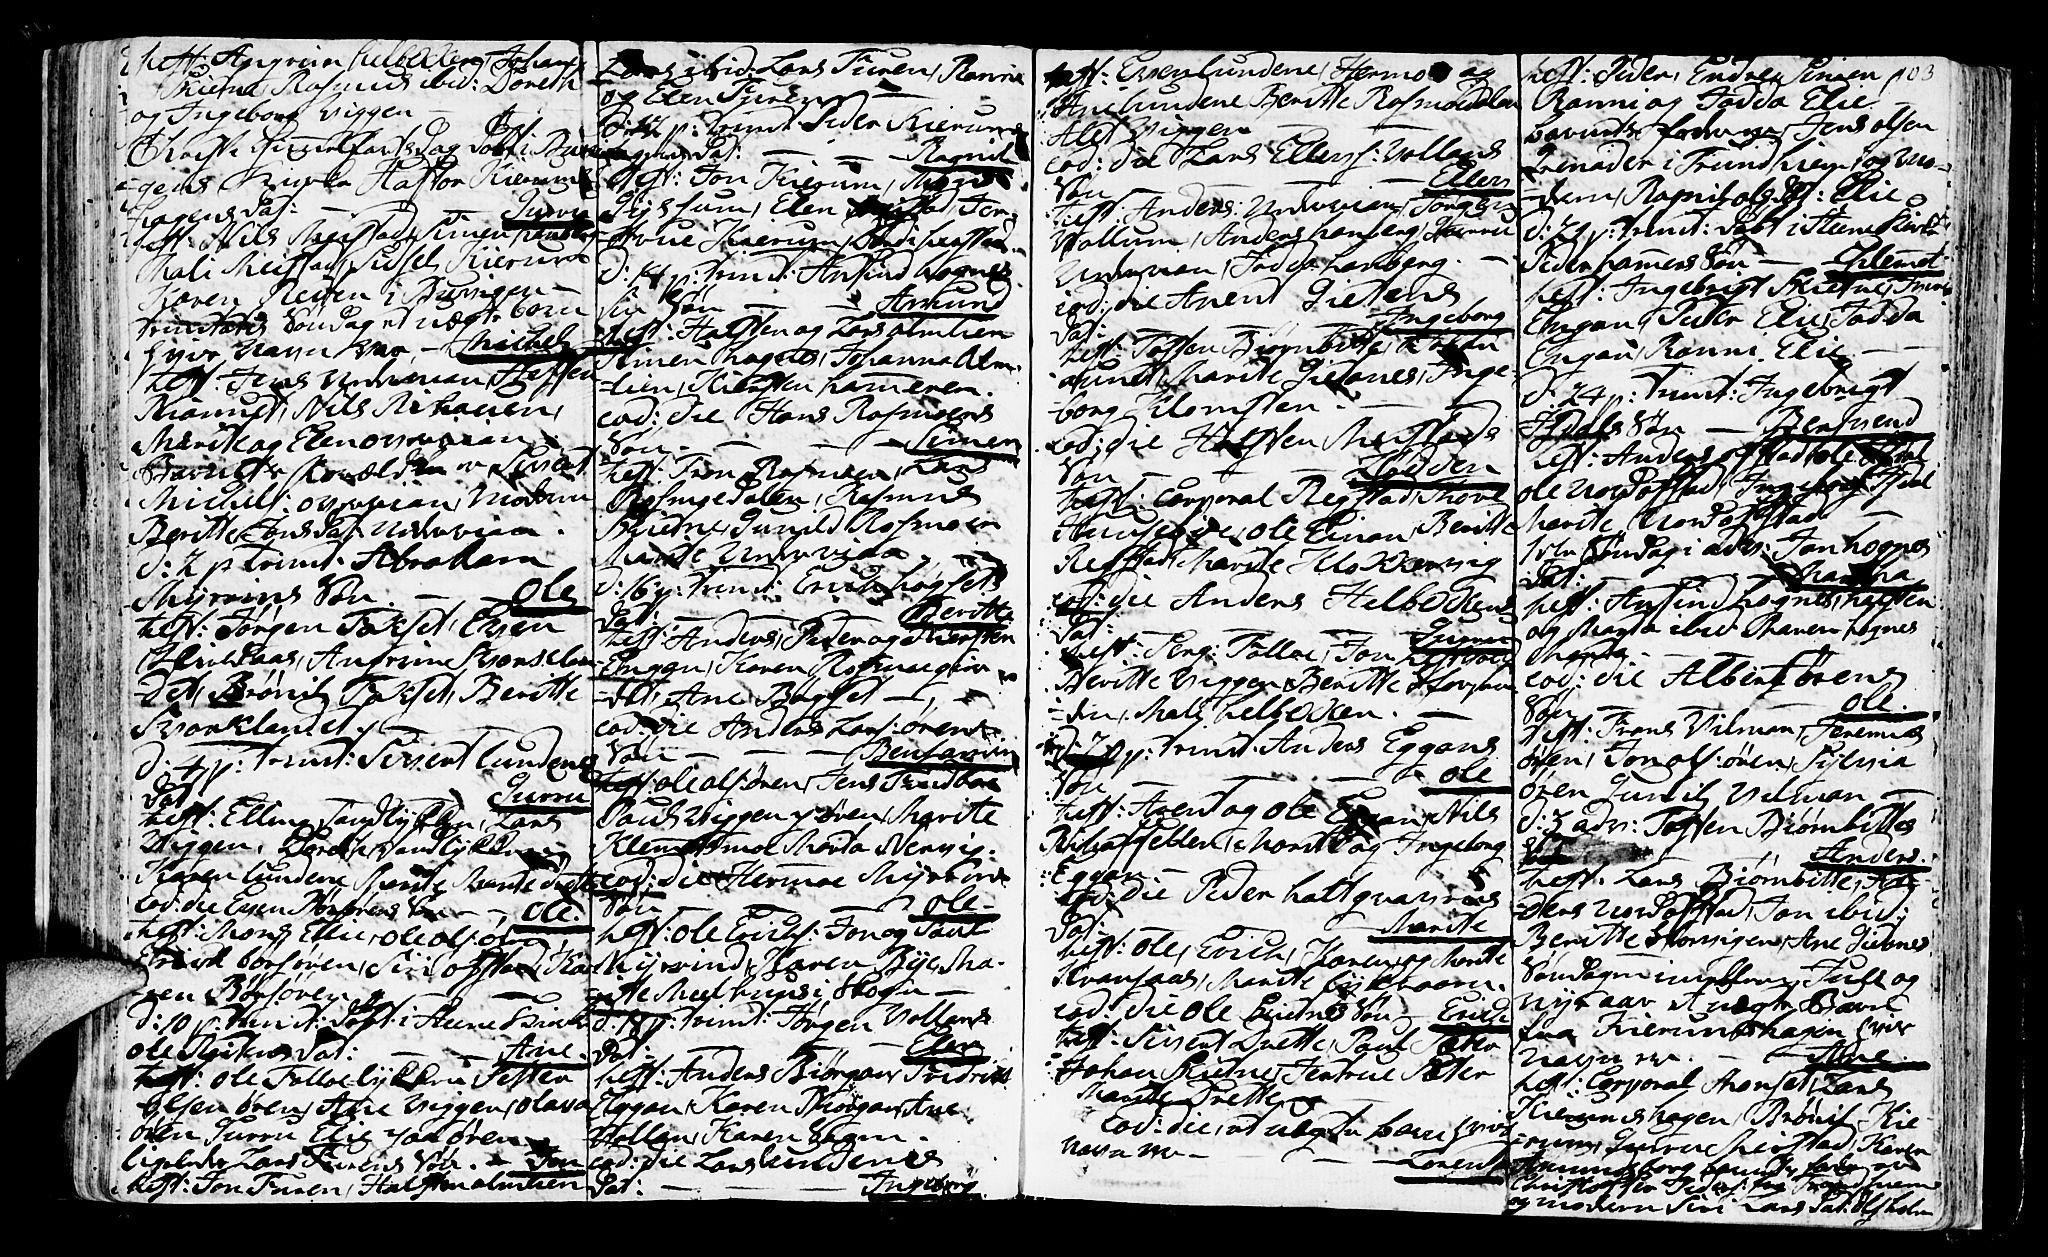 SAT, Ministerialprotokoller, klokkerbøker og fødselsregistre - Sør-Trøndelag, 665/L0768: Ministerialbok nr. 665A03, 1754-1803, s. 103